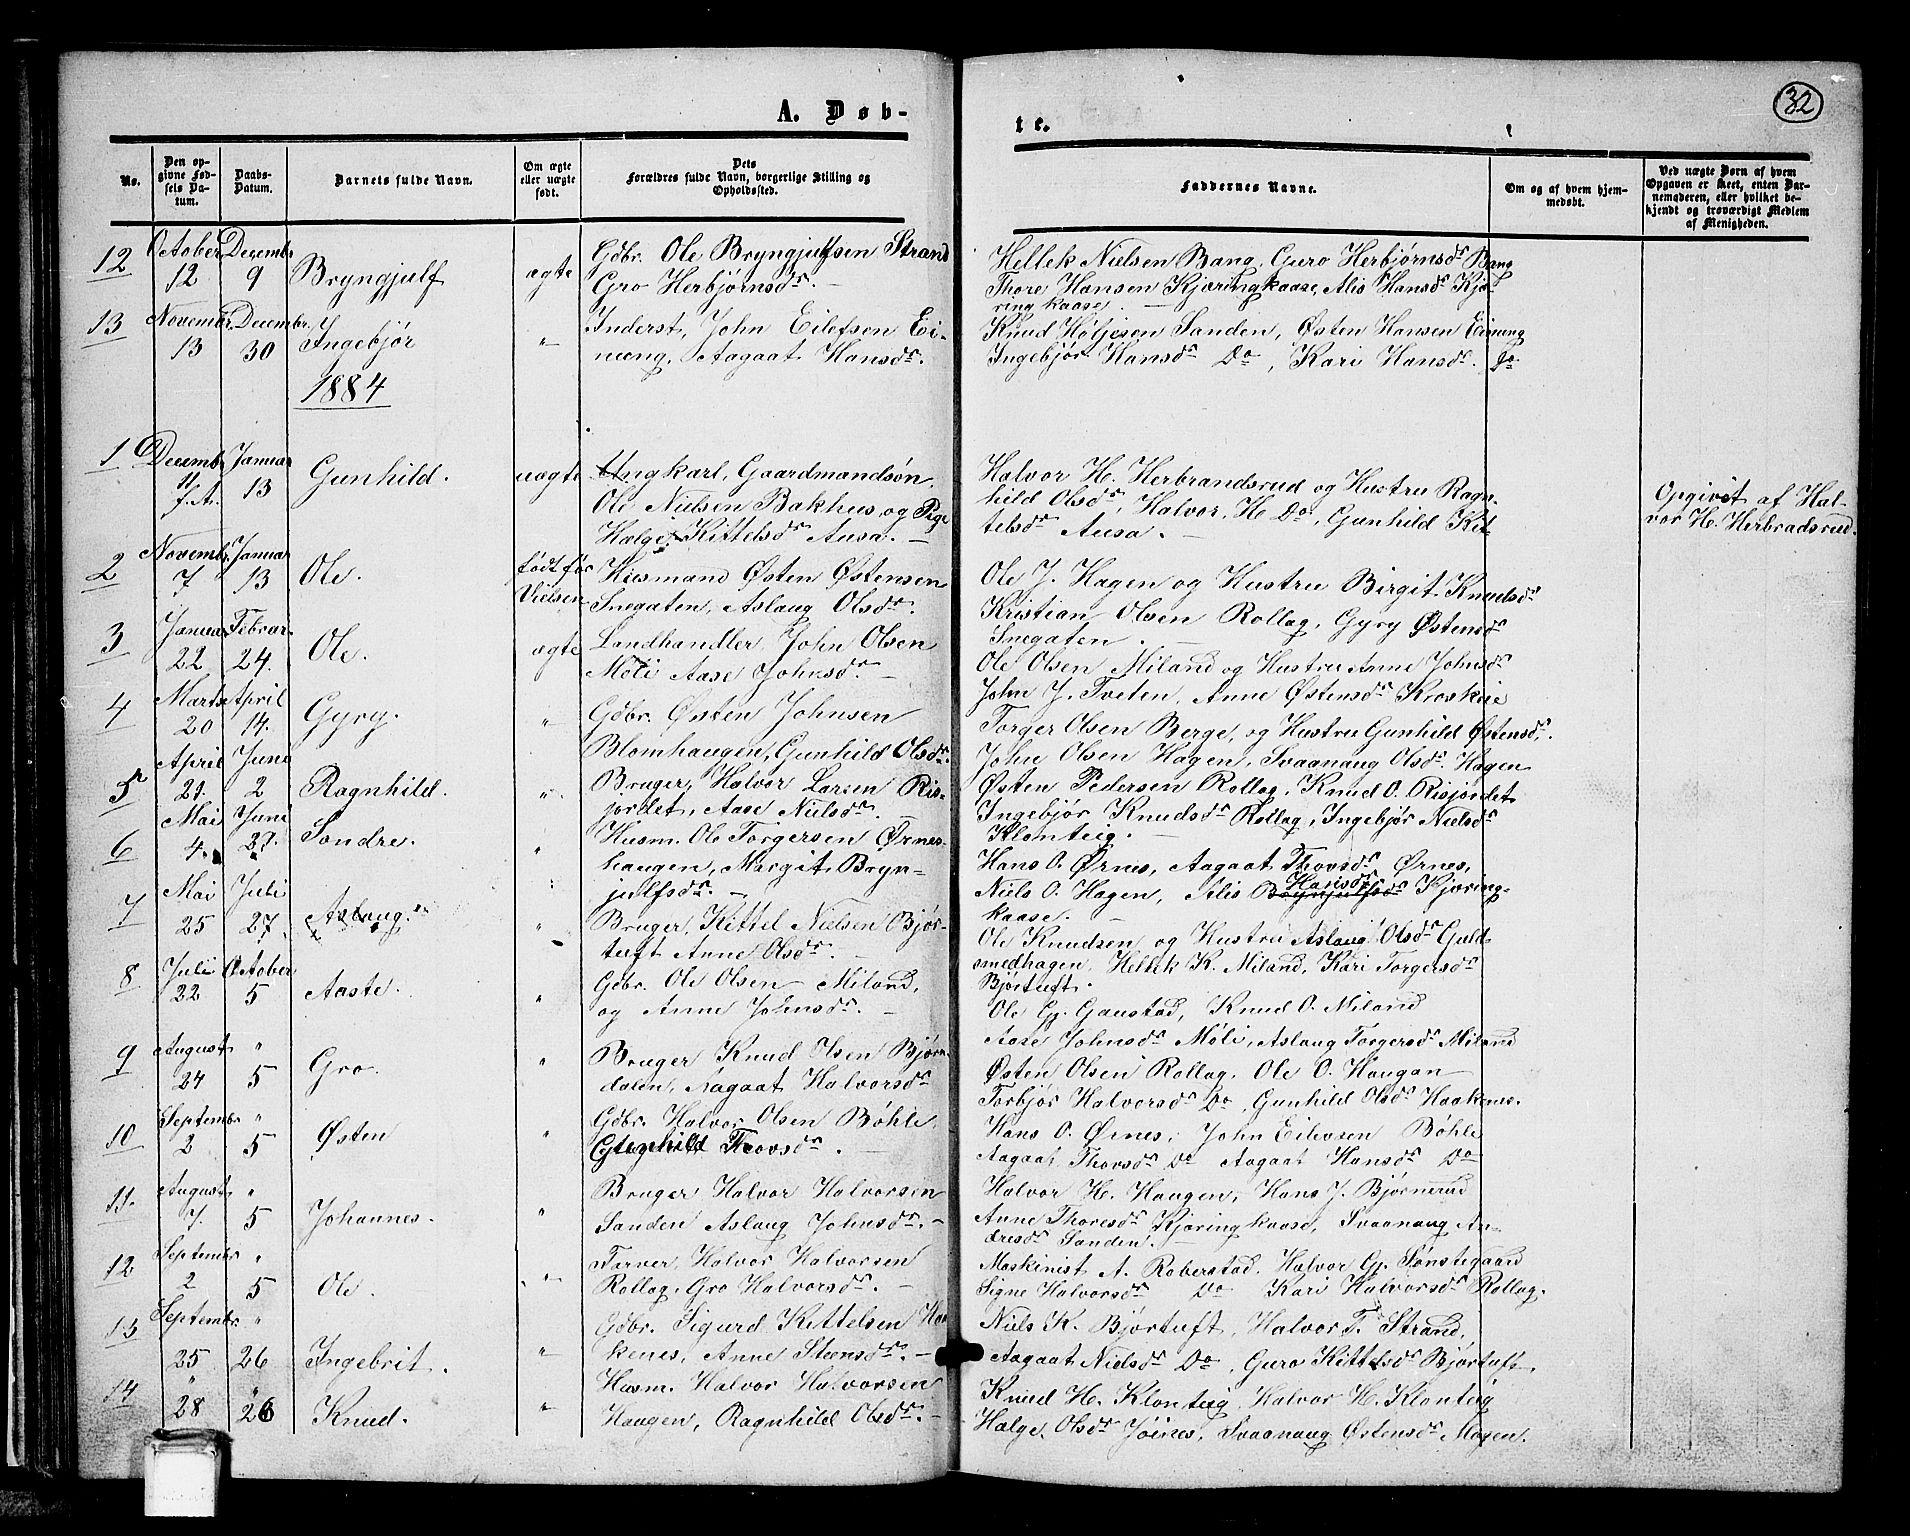 SAKO, Tinn kirkebøker, G/Gb/L0002: Klokkerbok nr. II 2, 1851-1886, s. 32